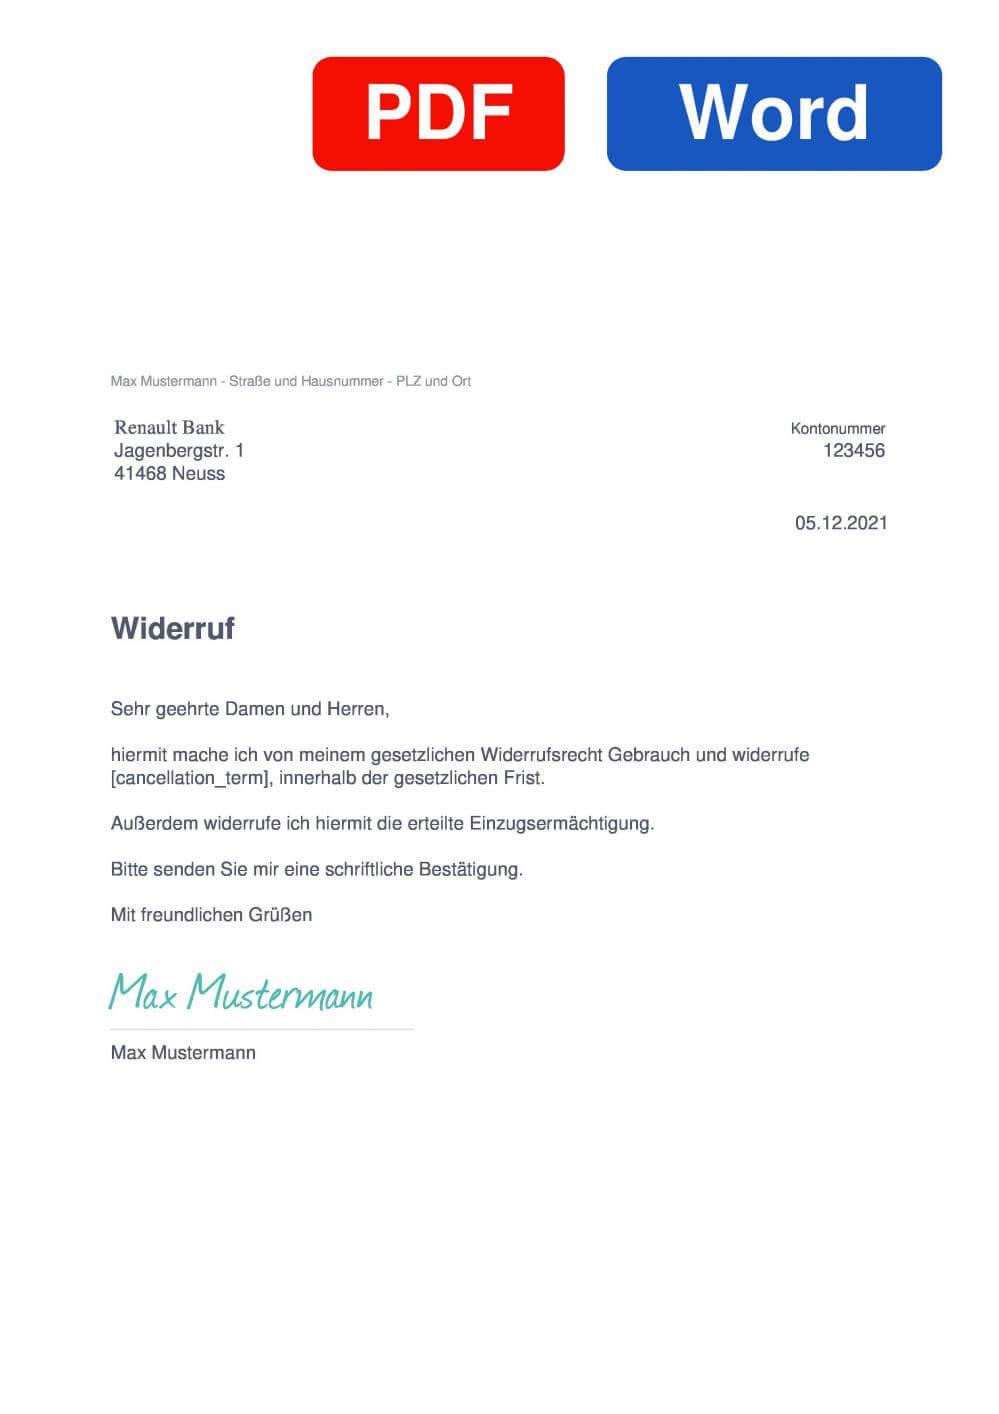 Renault Bank Muster Vorlage für Wiederrufsschreiben